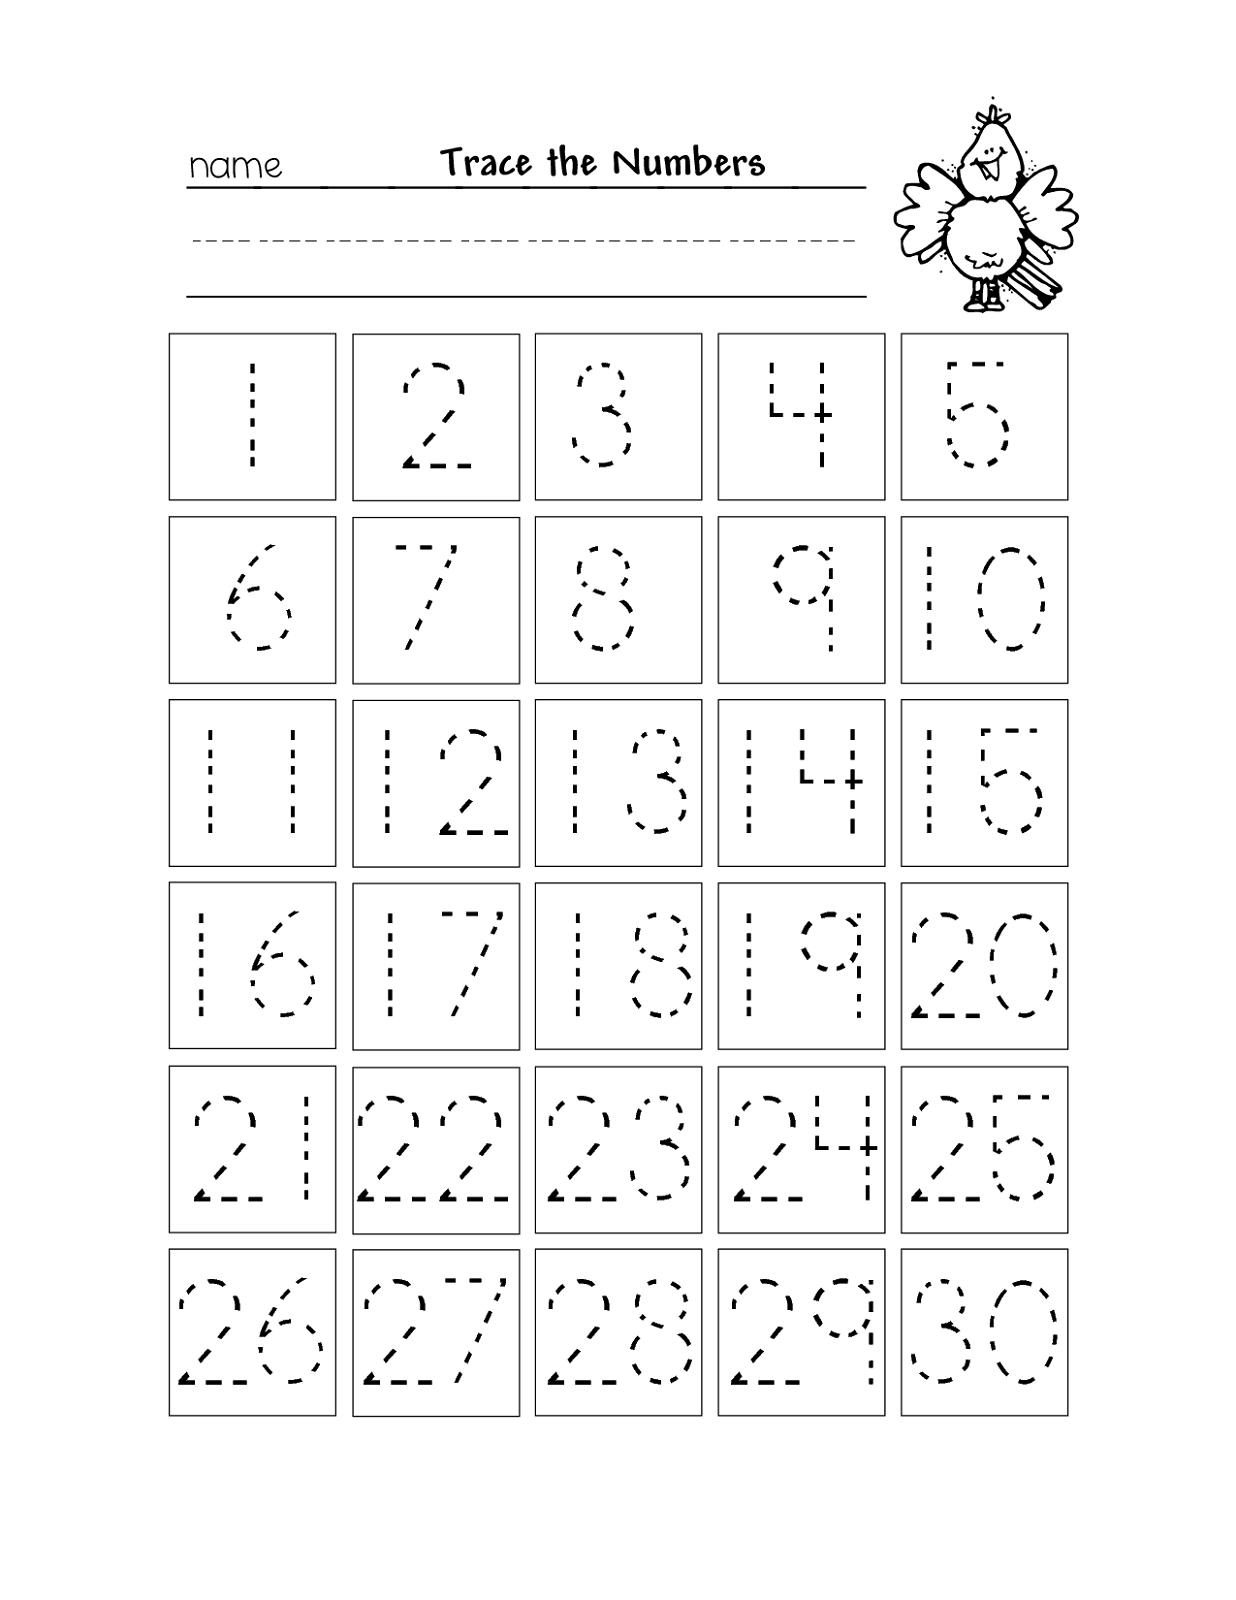 Free Printable Number Chart 1-30 | Kinder | Numbers Preschool - Free Printable Tracing Numbers 1 50